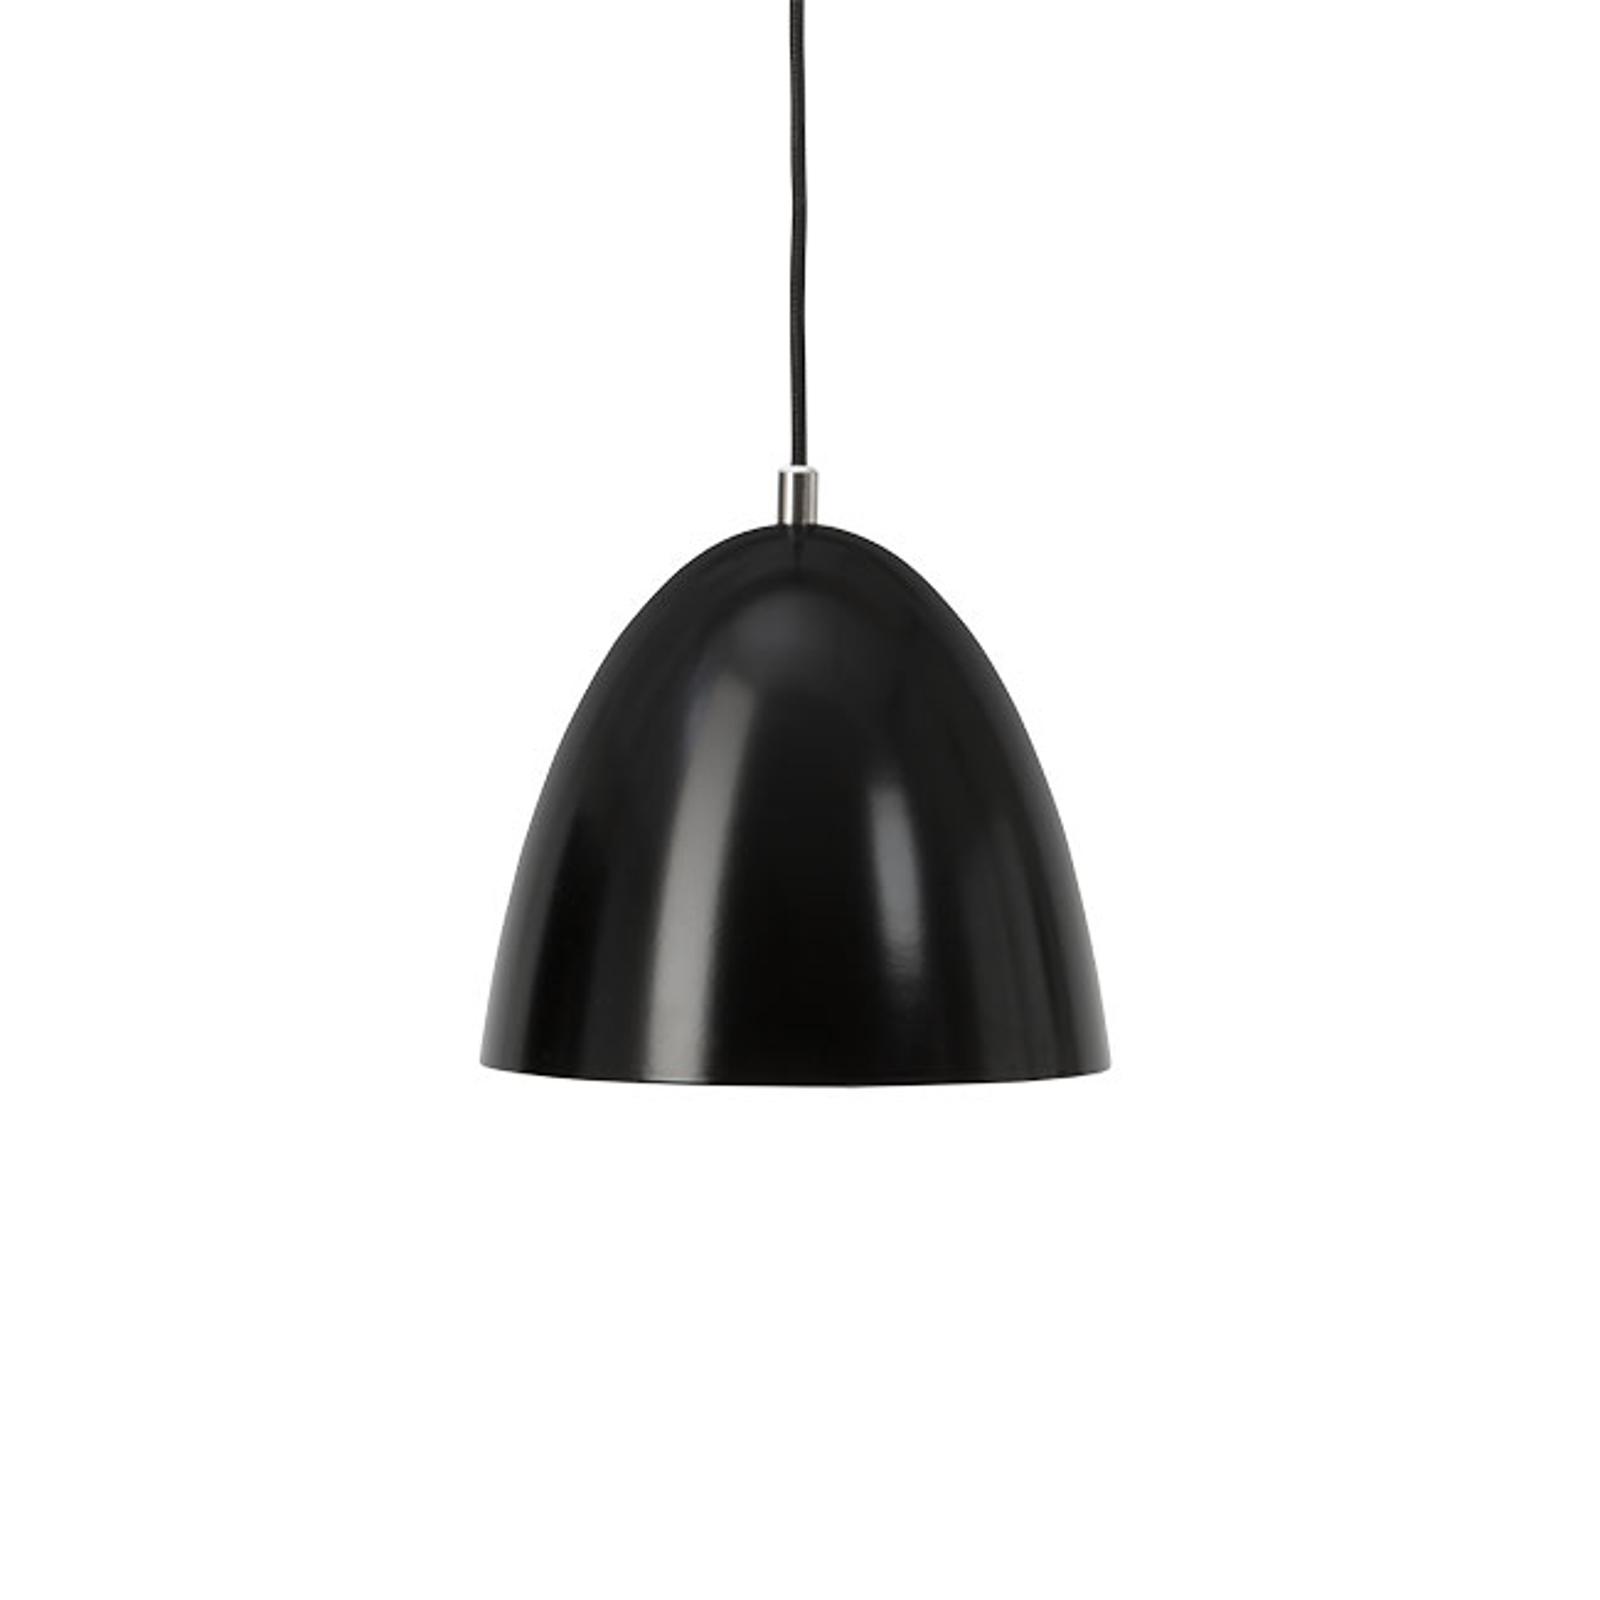 LED-Hängeleuchte Eas, Ø 24 cm, 3.000 K, schwarz